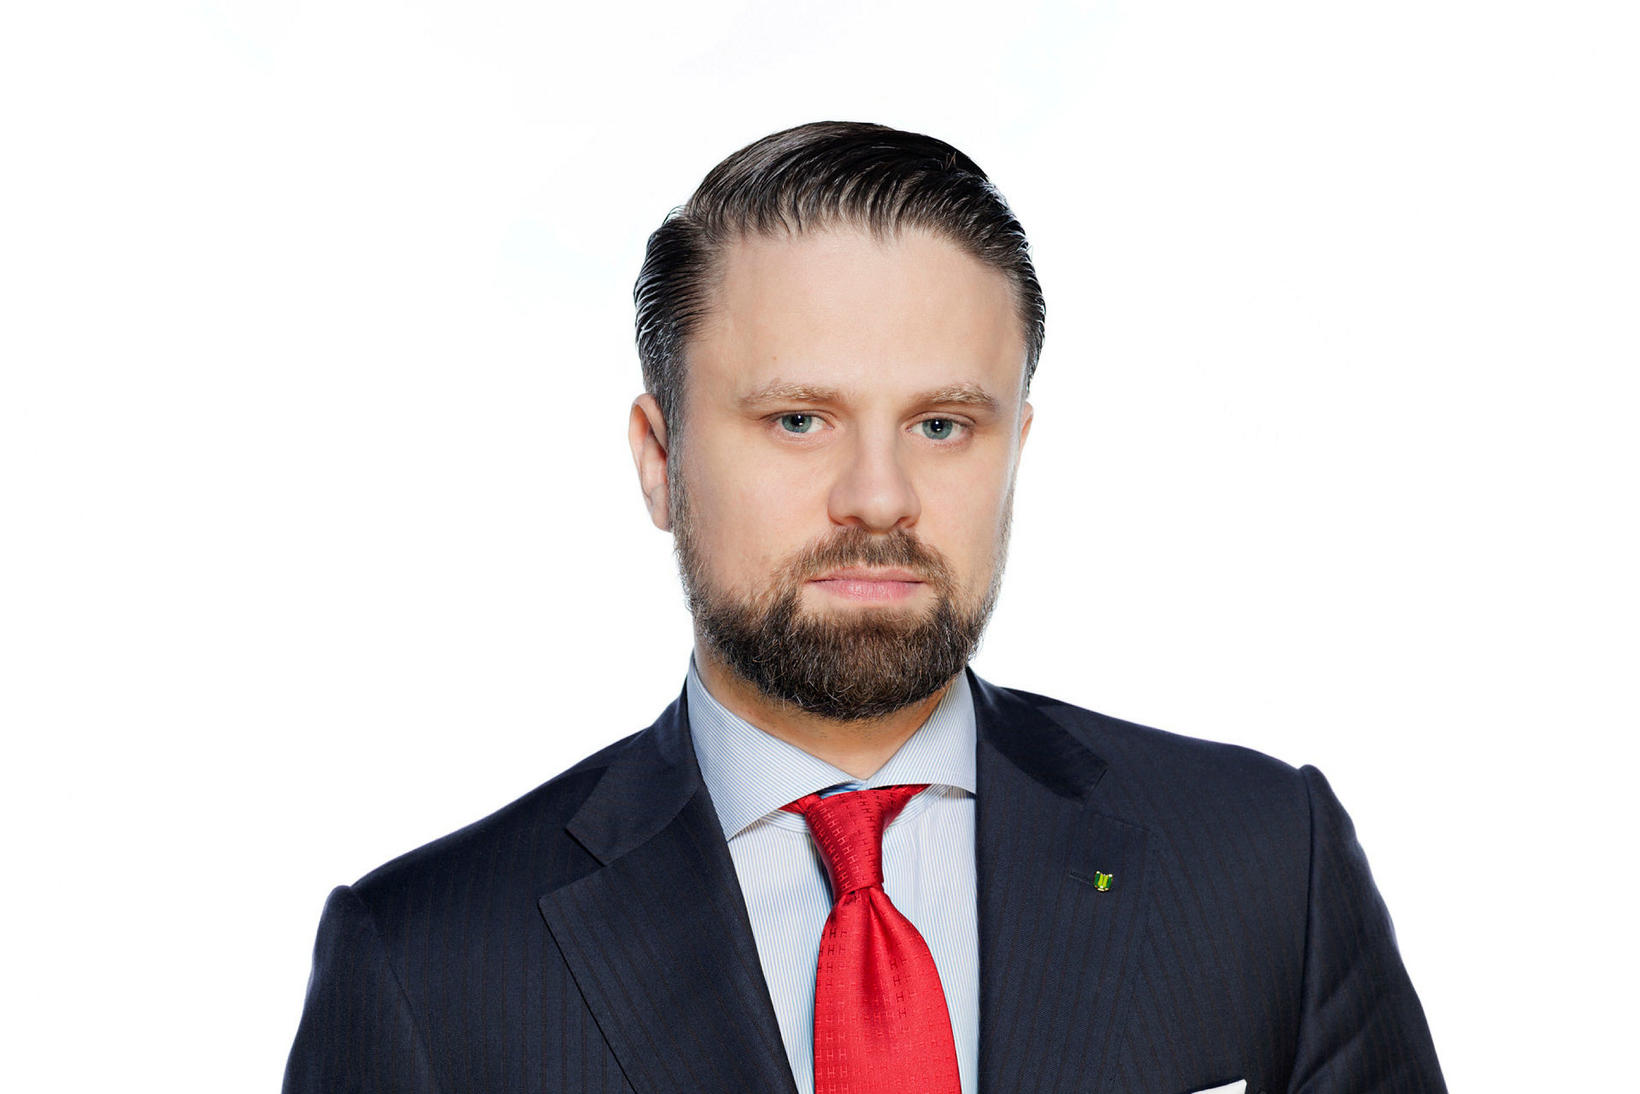 Sævar Þór Jónsson rekur lögmannstofuna Sævar Þór & Parners.